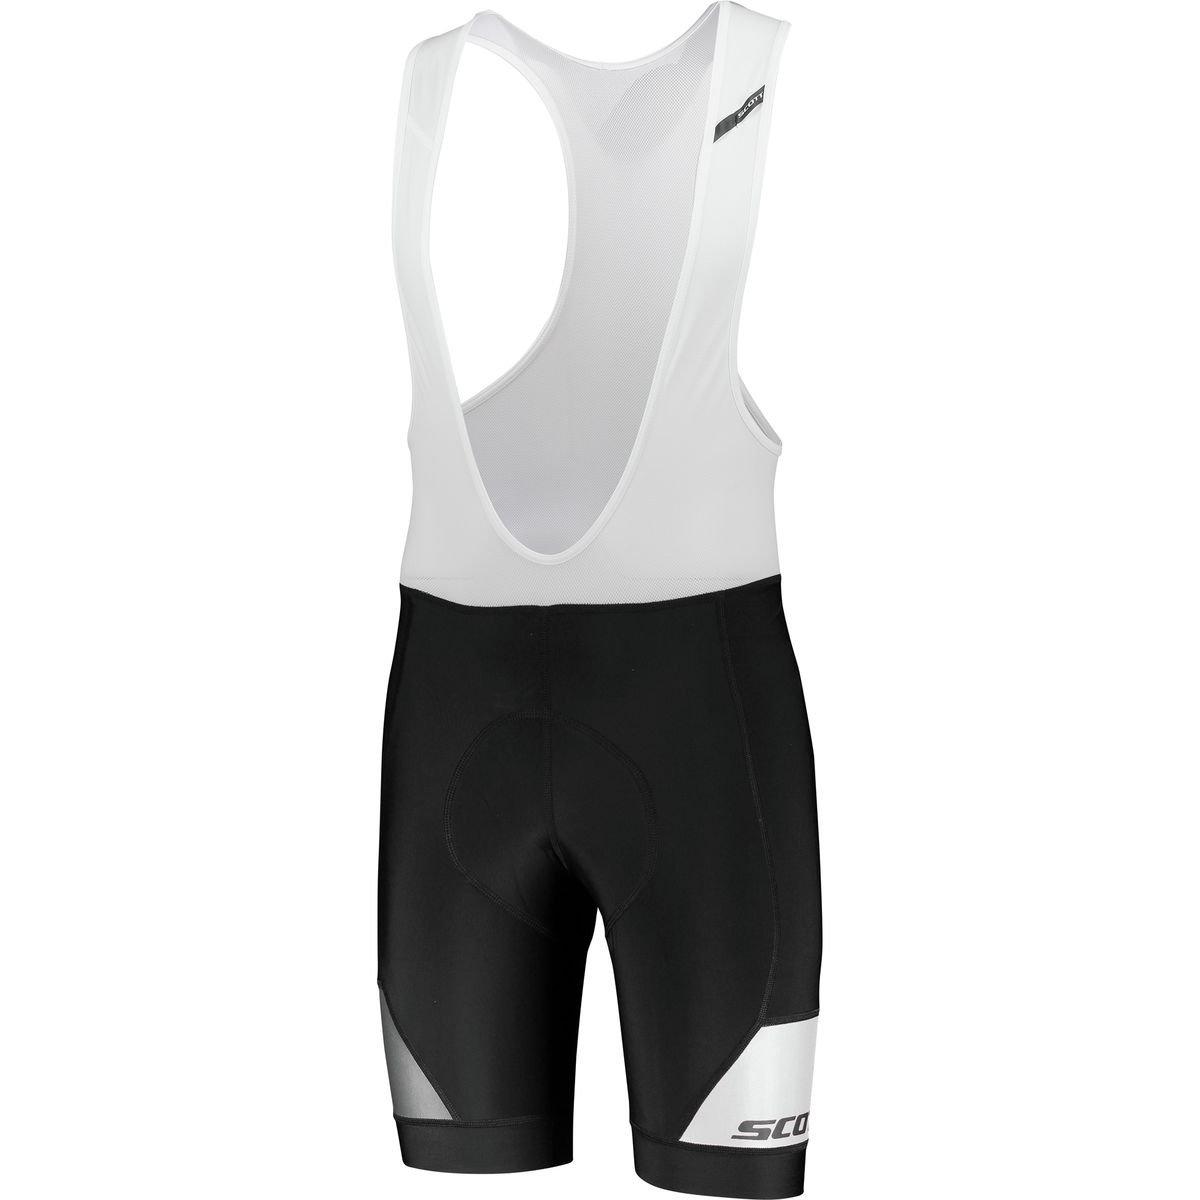 スコットRCプレミアムplus4 Bib Short – Men 's B07C3SLG2N X-Large|ブラック/ホワイト ブラック/ホワイト X-Large